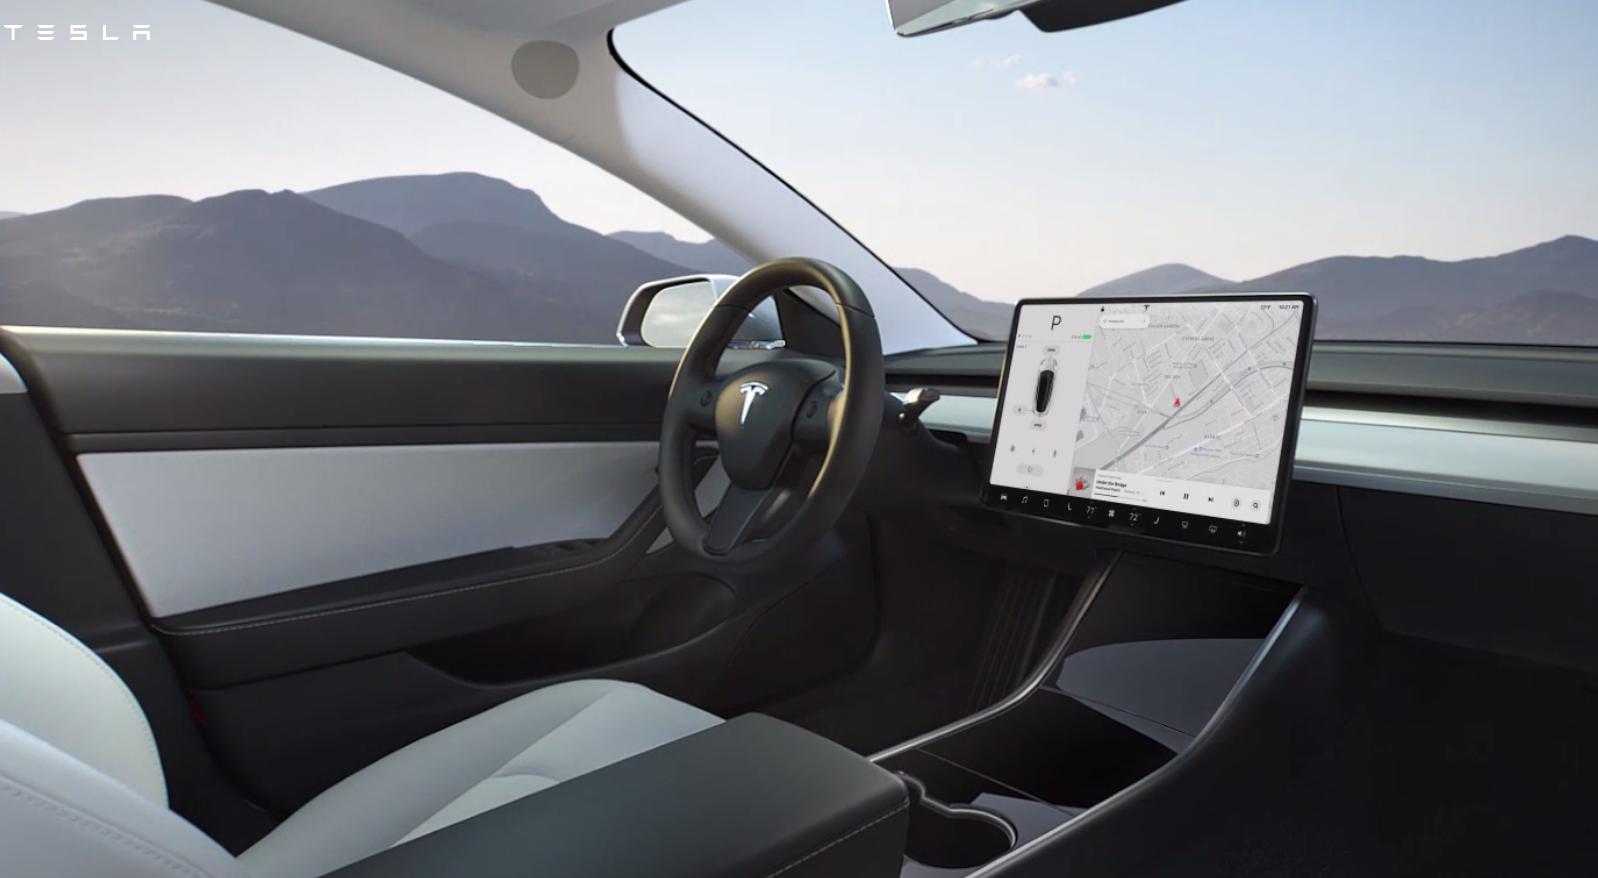 又一辆Model 3撞了,特斯拉自动驾驶系统再遭质疑